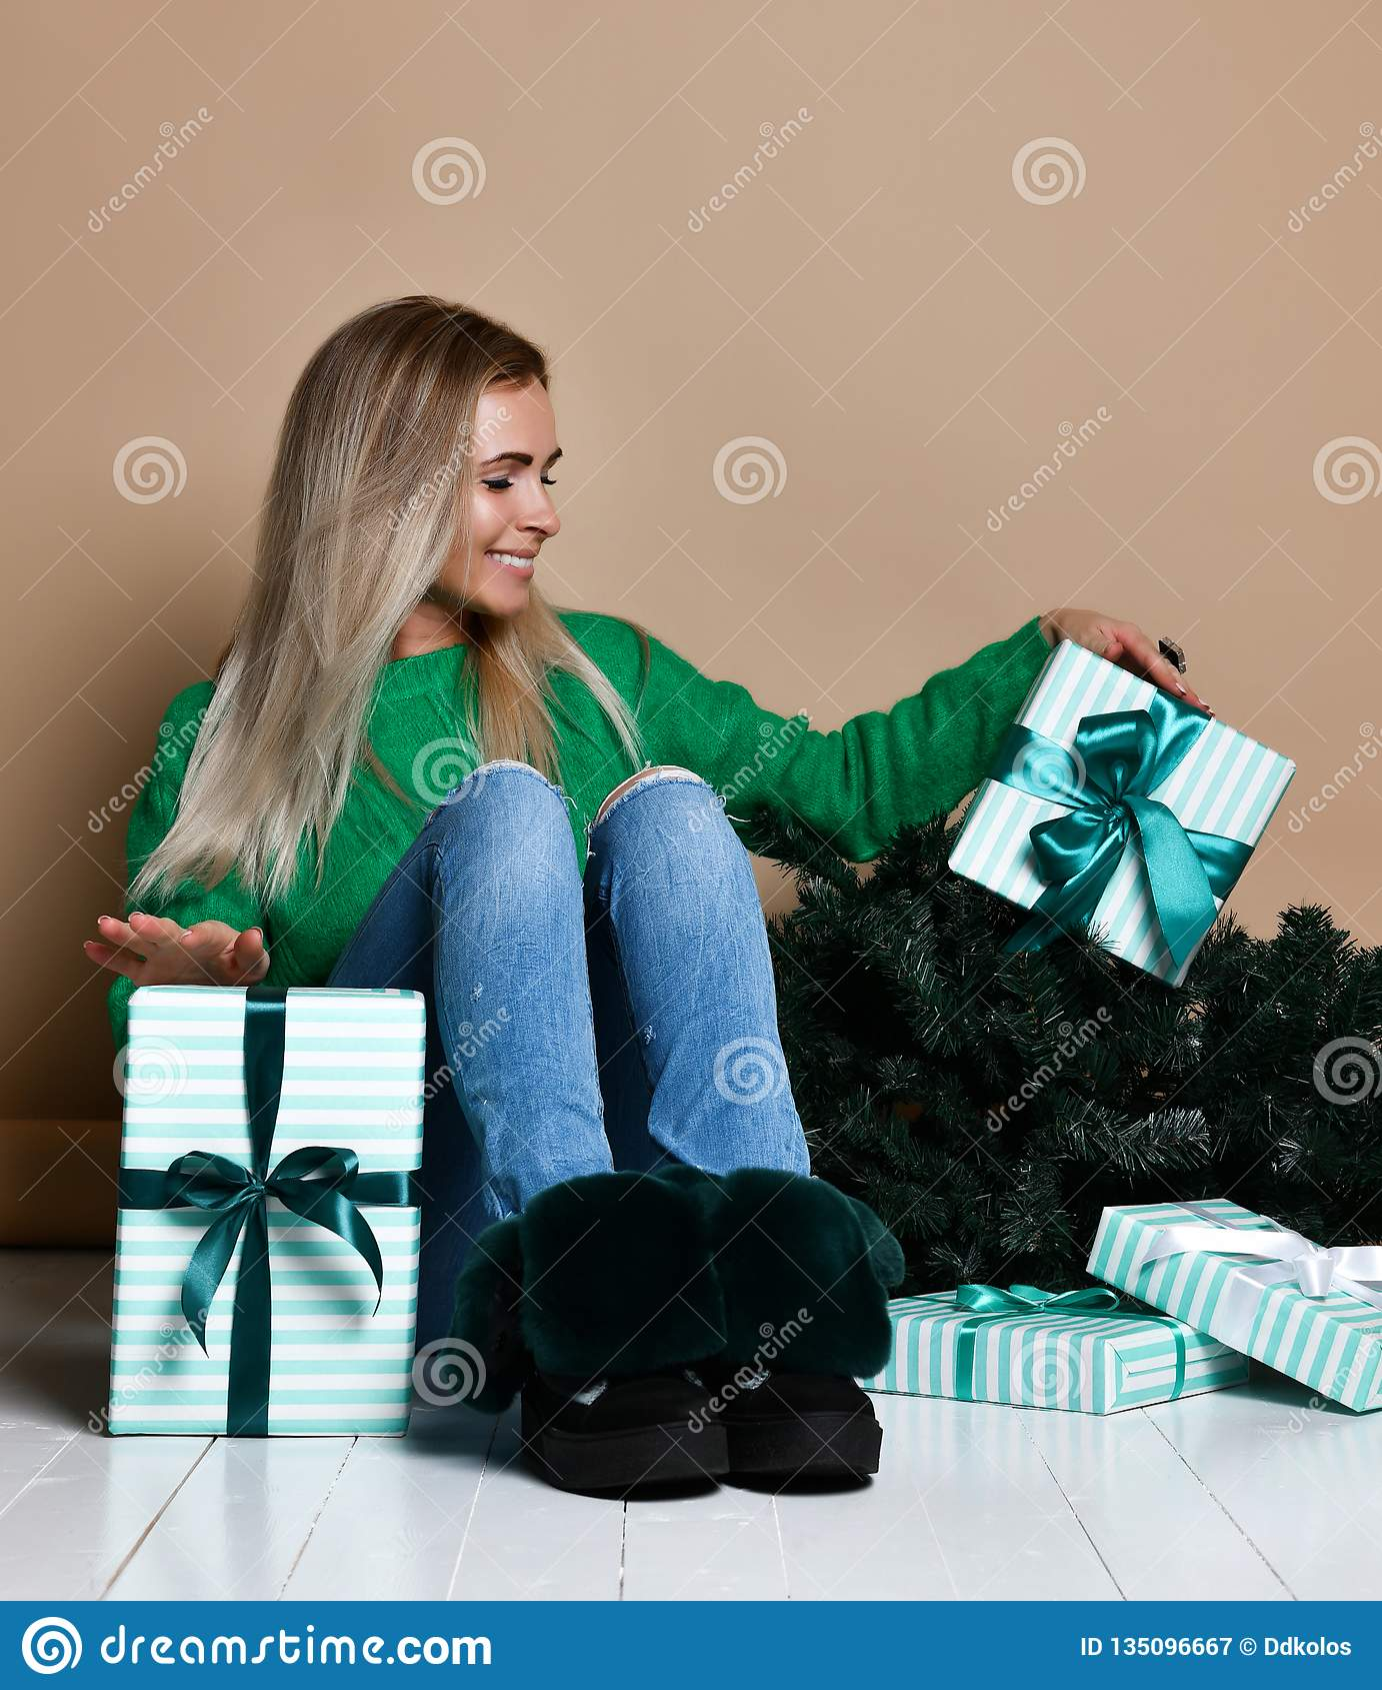 坐地板在冷杉圣诞树附近和作梦关于礼物、未来,礼物和等待的年轻女人奇迹